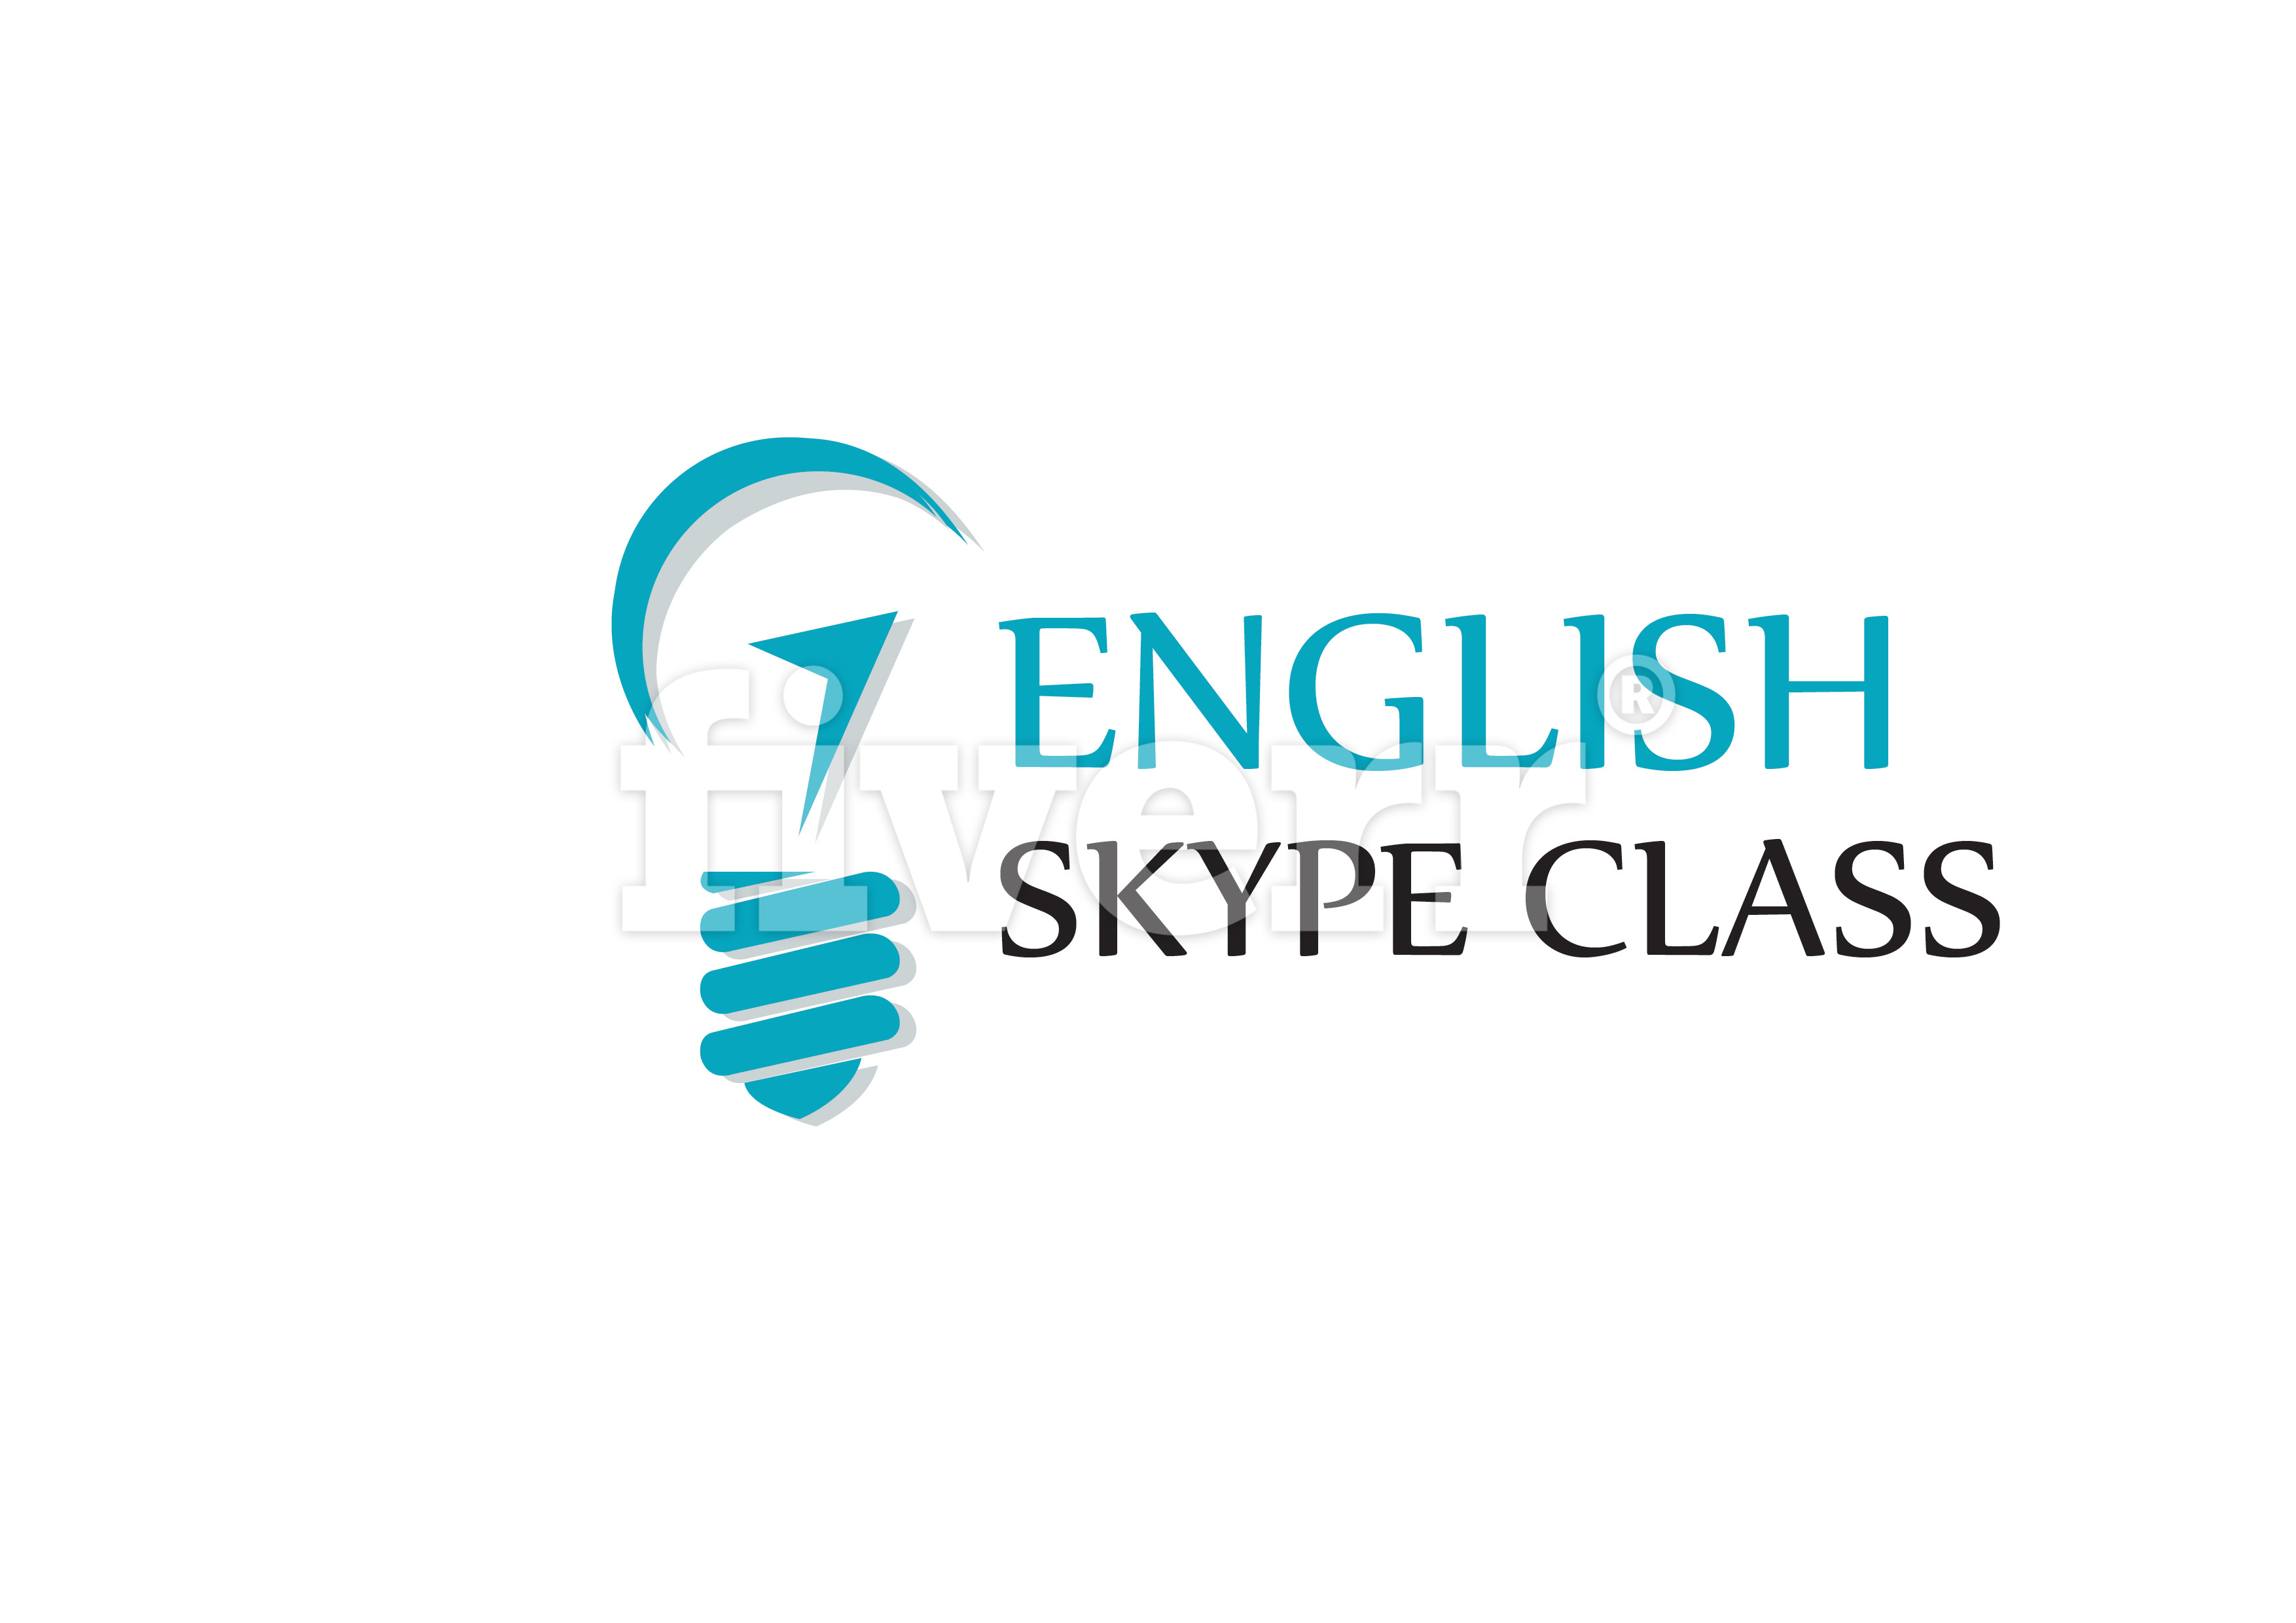 Английский по скайпу Logo